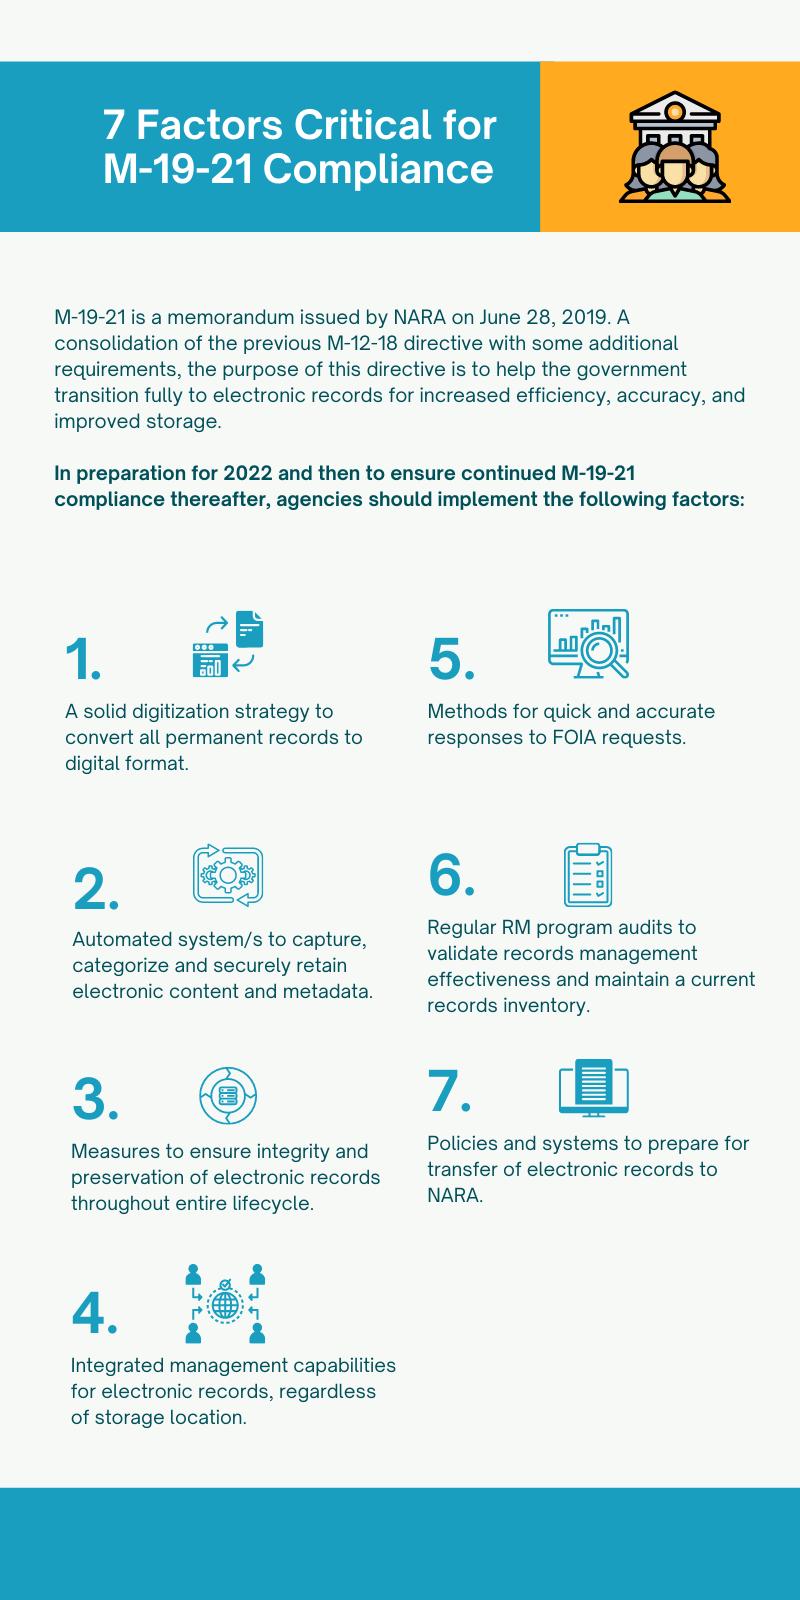 7 Factors Critical for M-19-21 Compliance